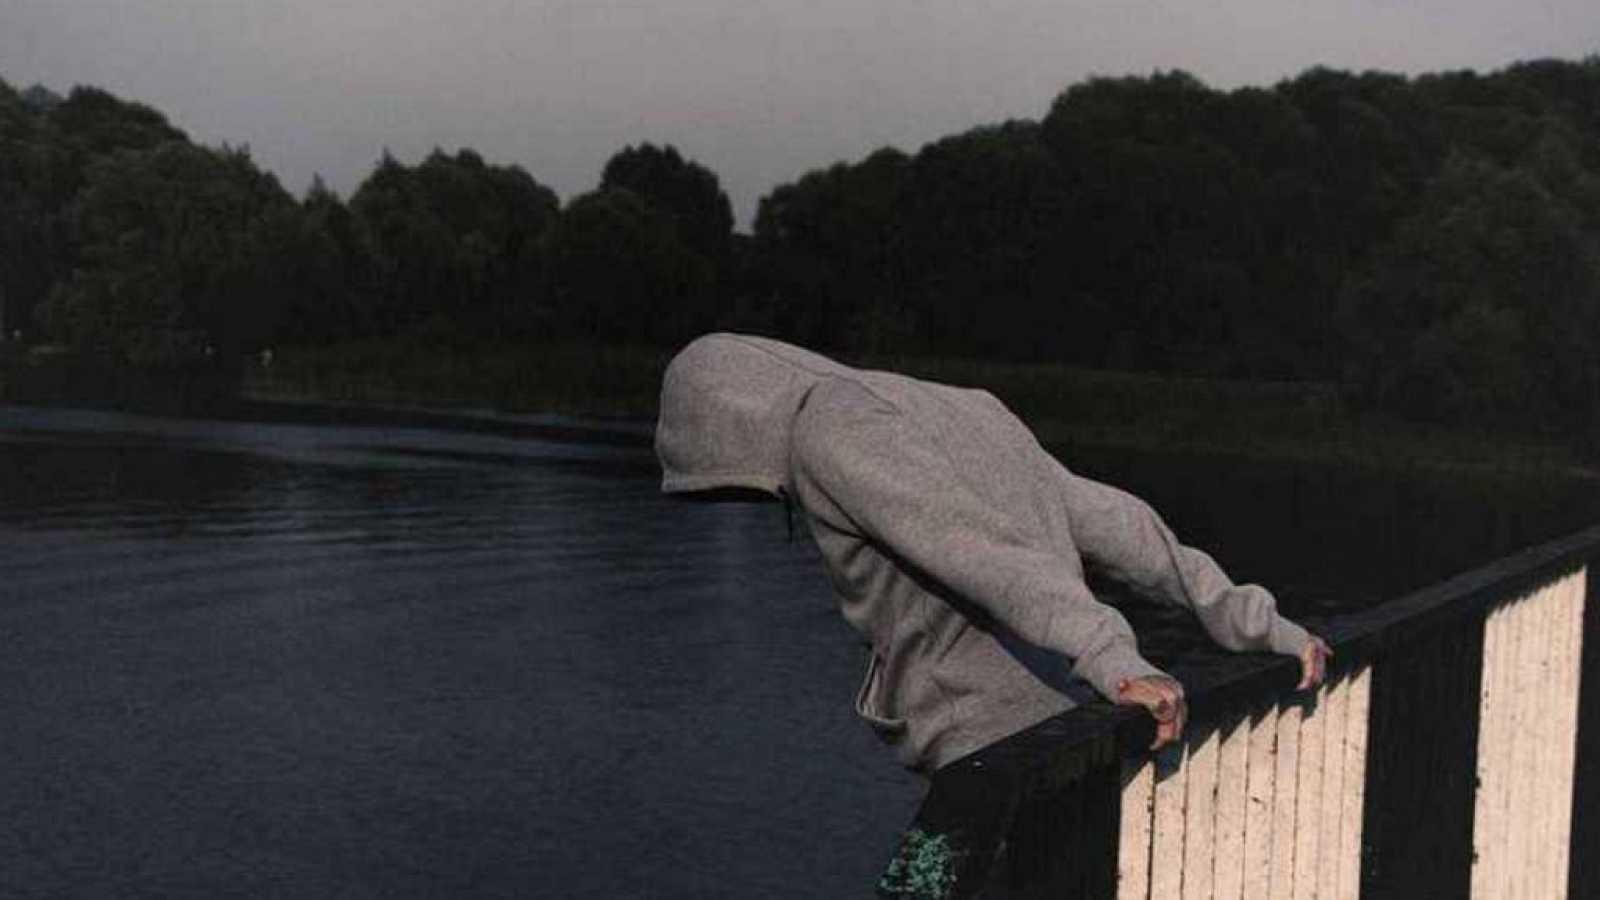 El suicidio es la principal causa de muerte externa en nuestro país